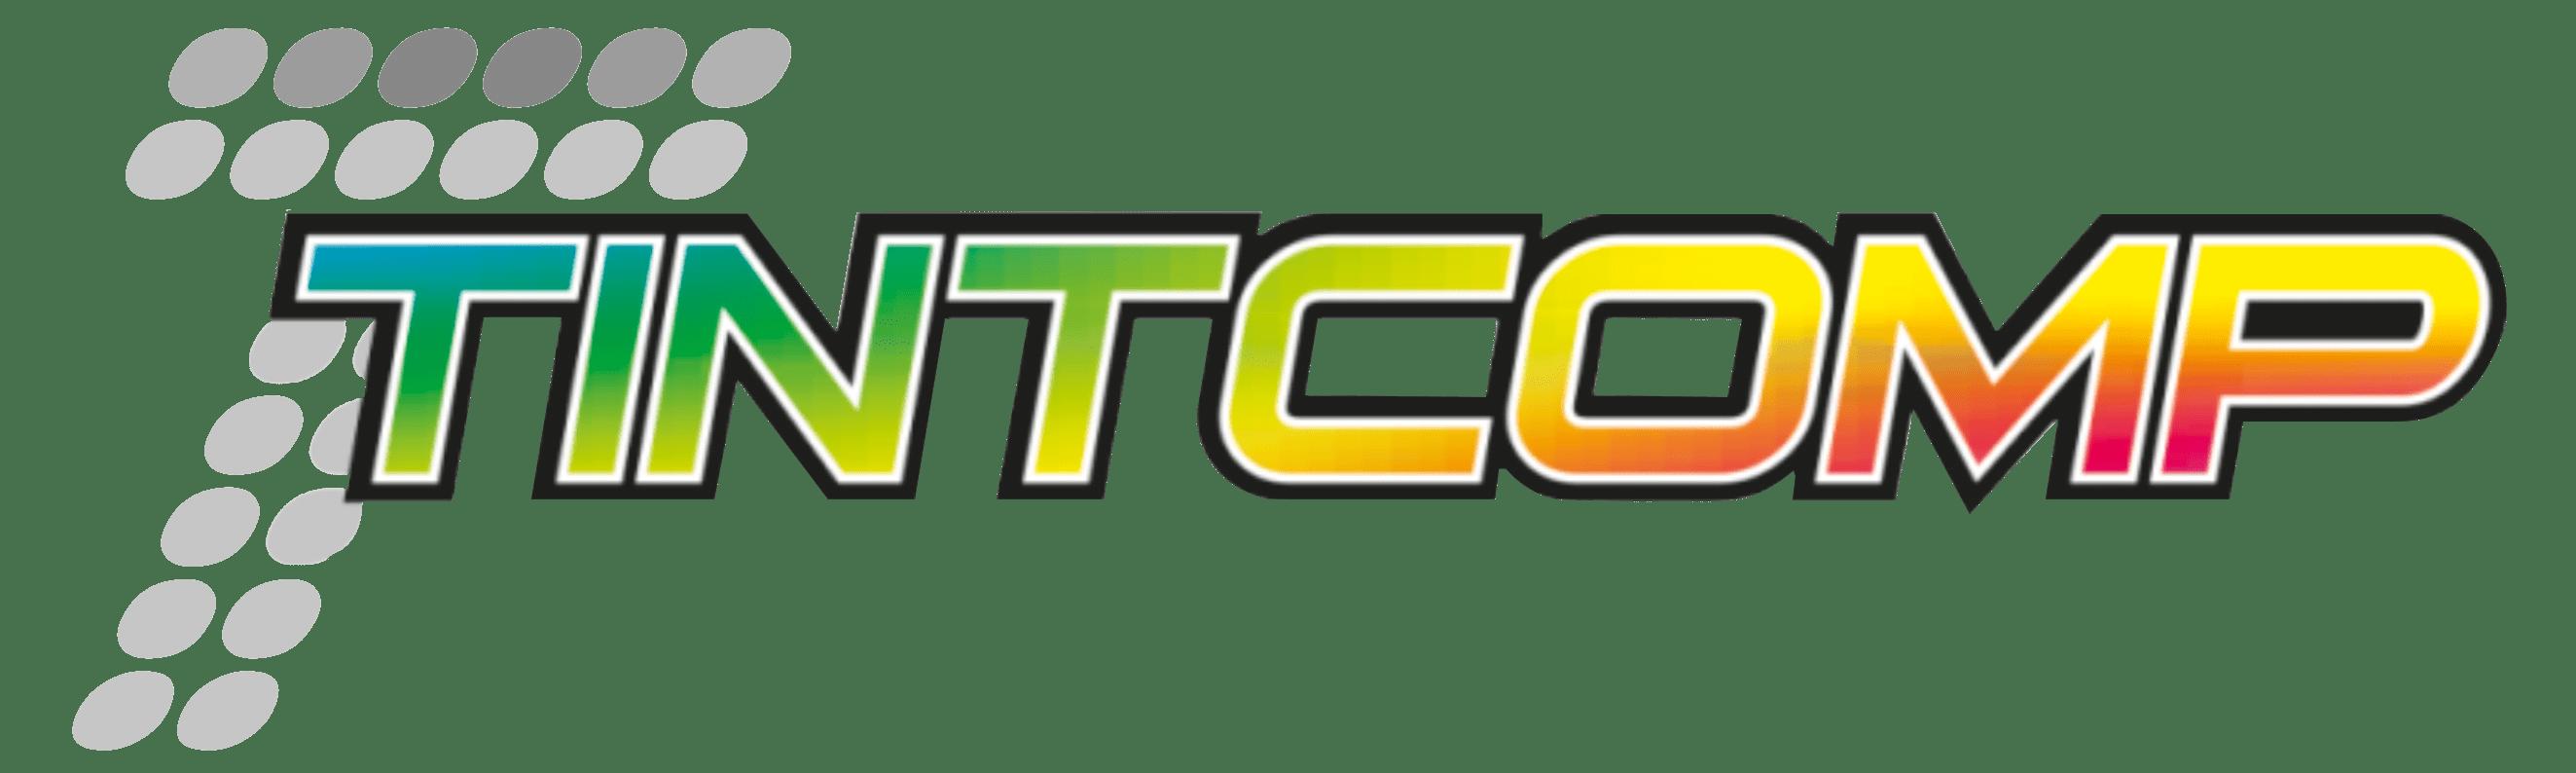 Tintcomp